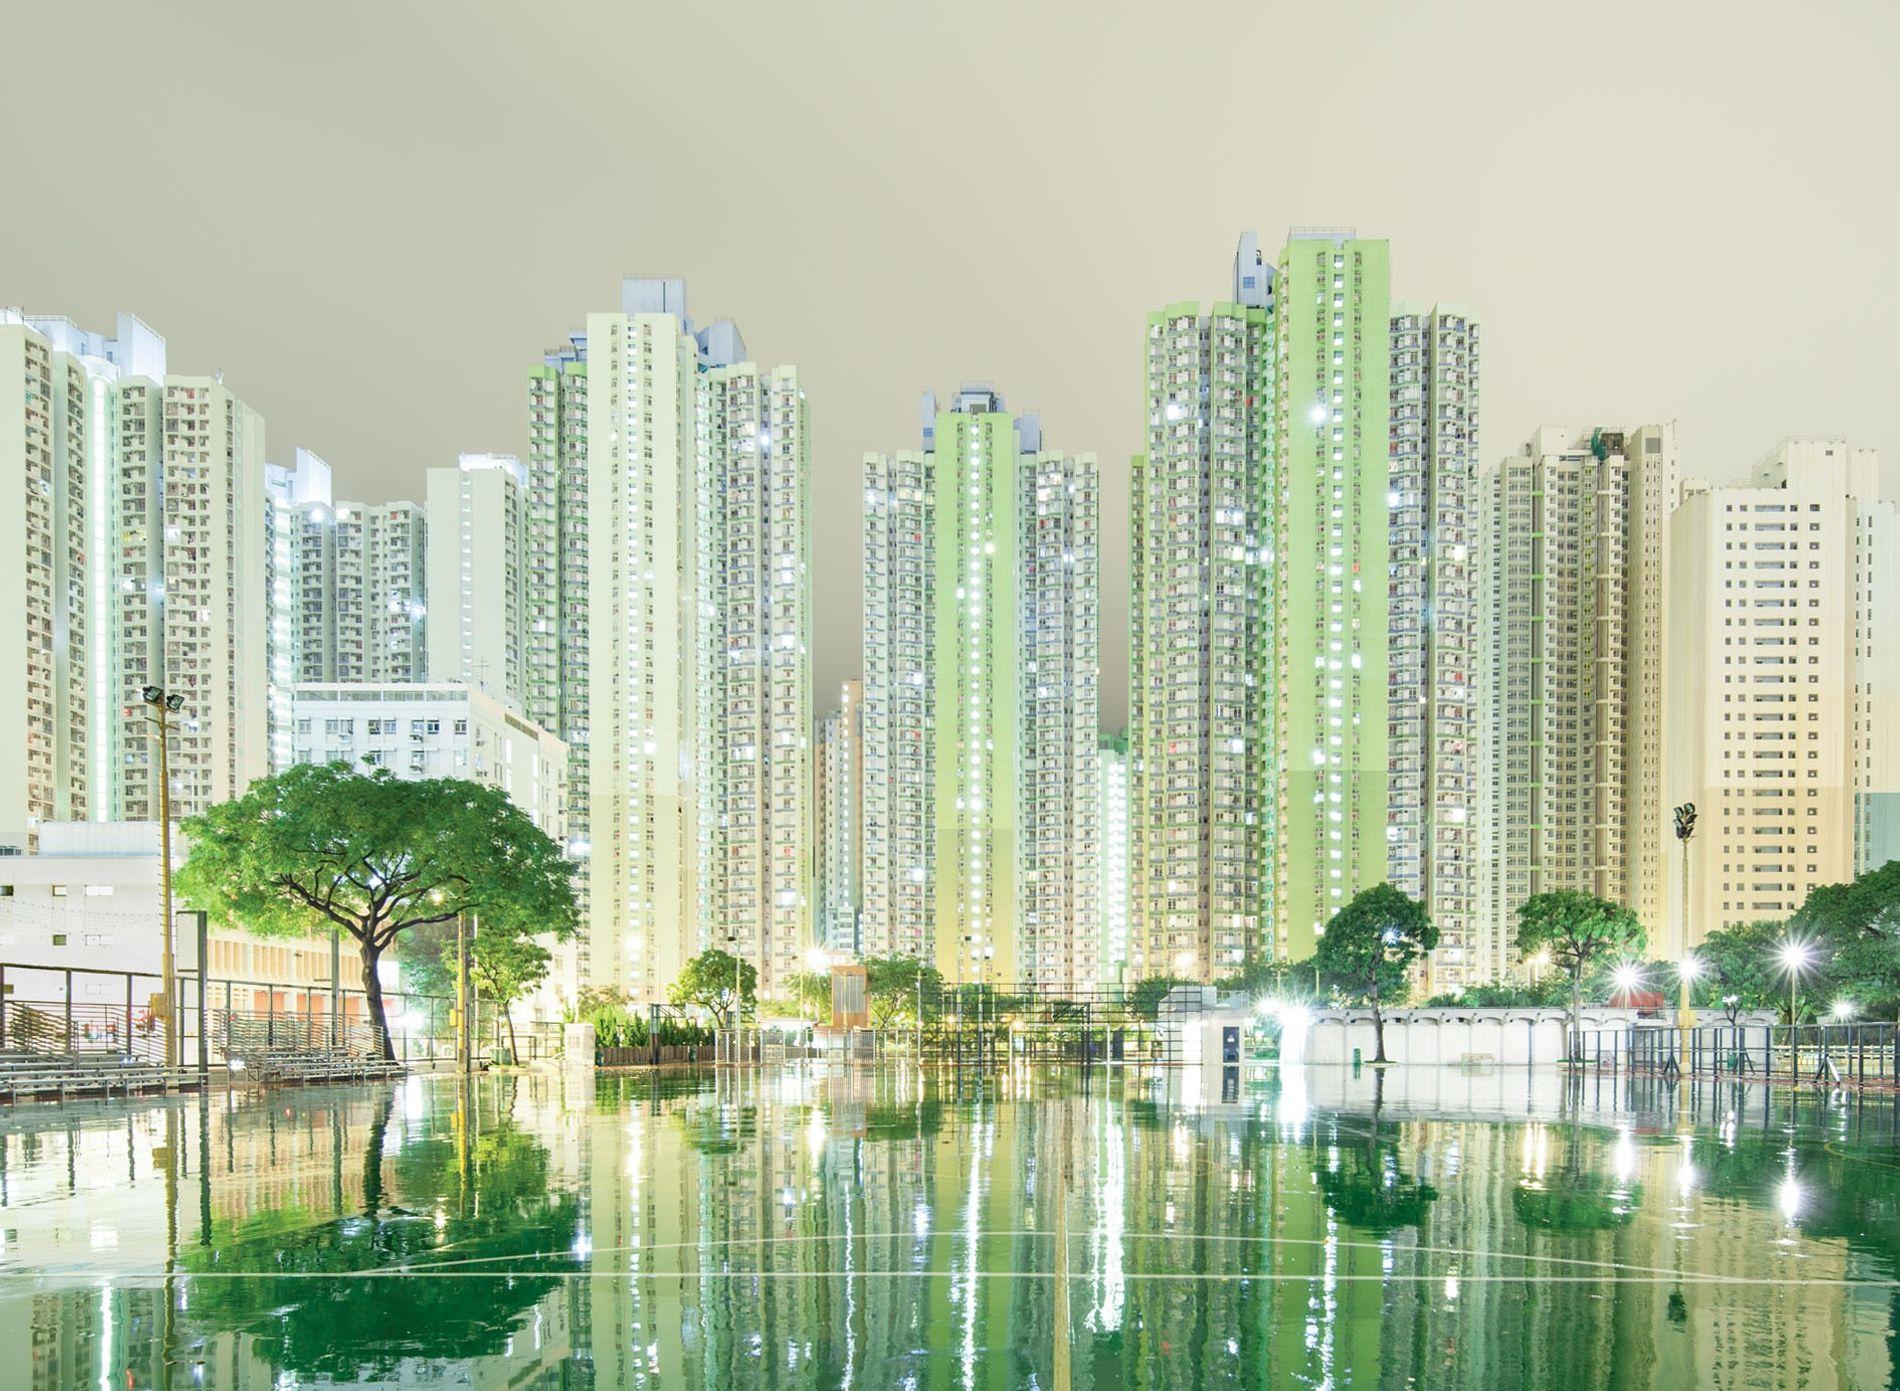 HONG KONG – Com 7 milhões de habitantes em apenas 1 100 quilômetros quadrados, Hong Kong ...